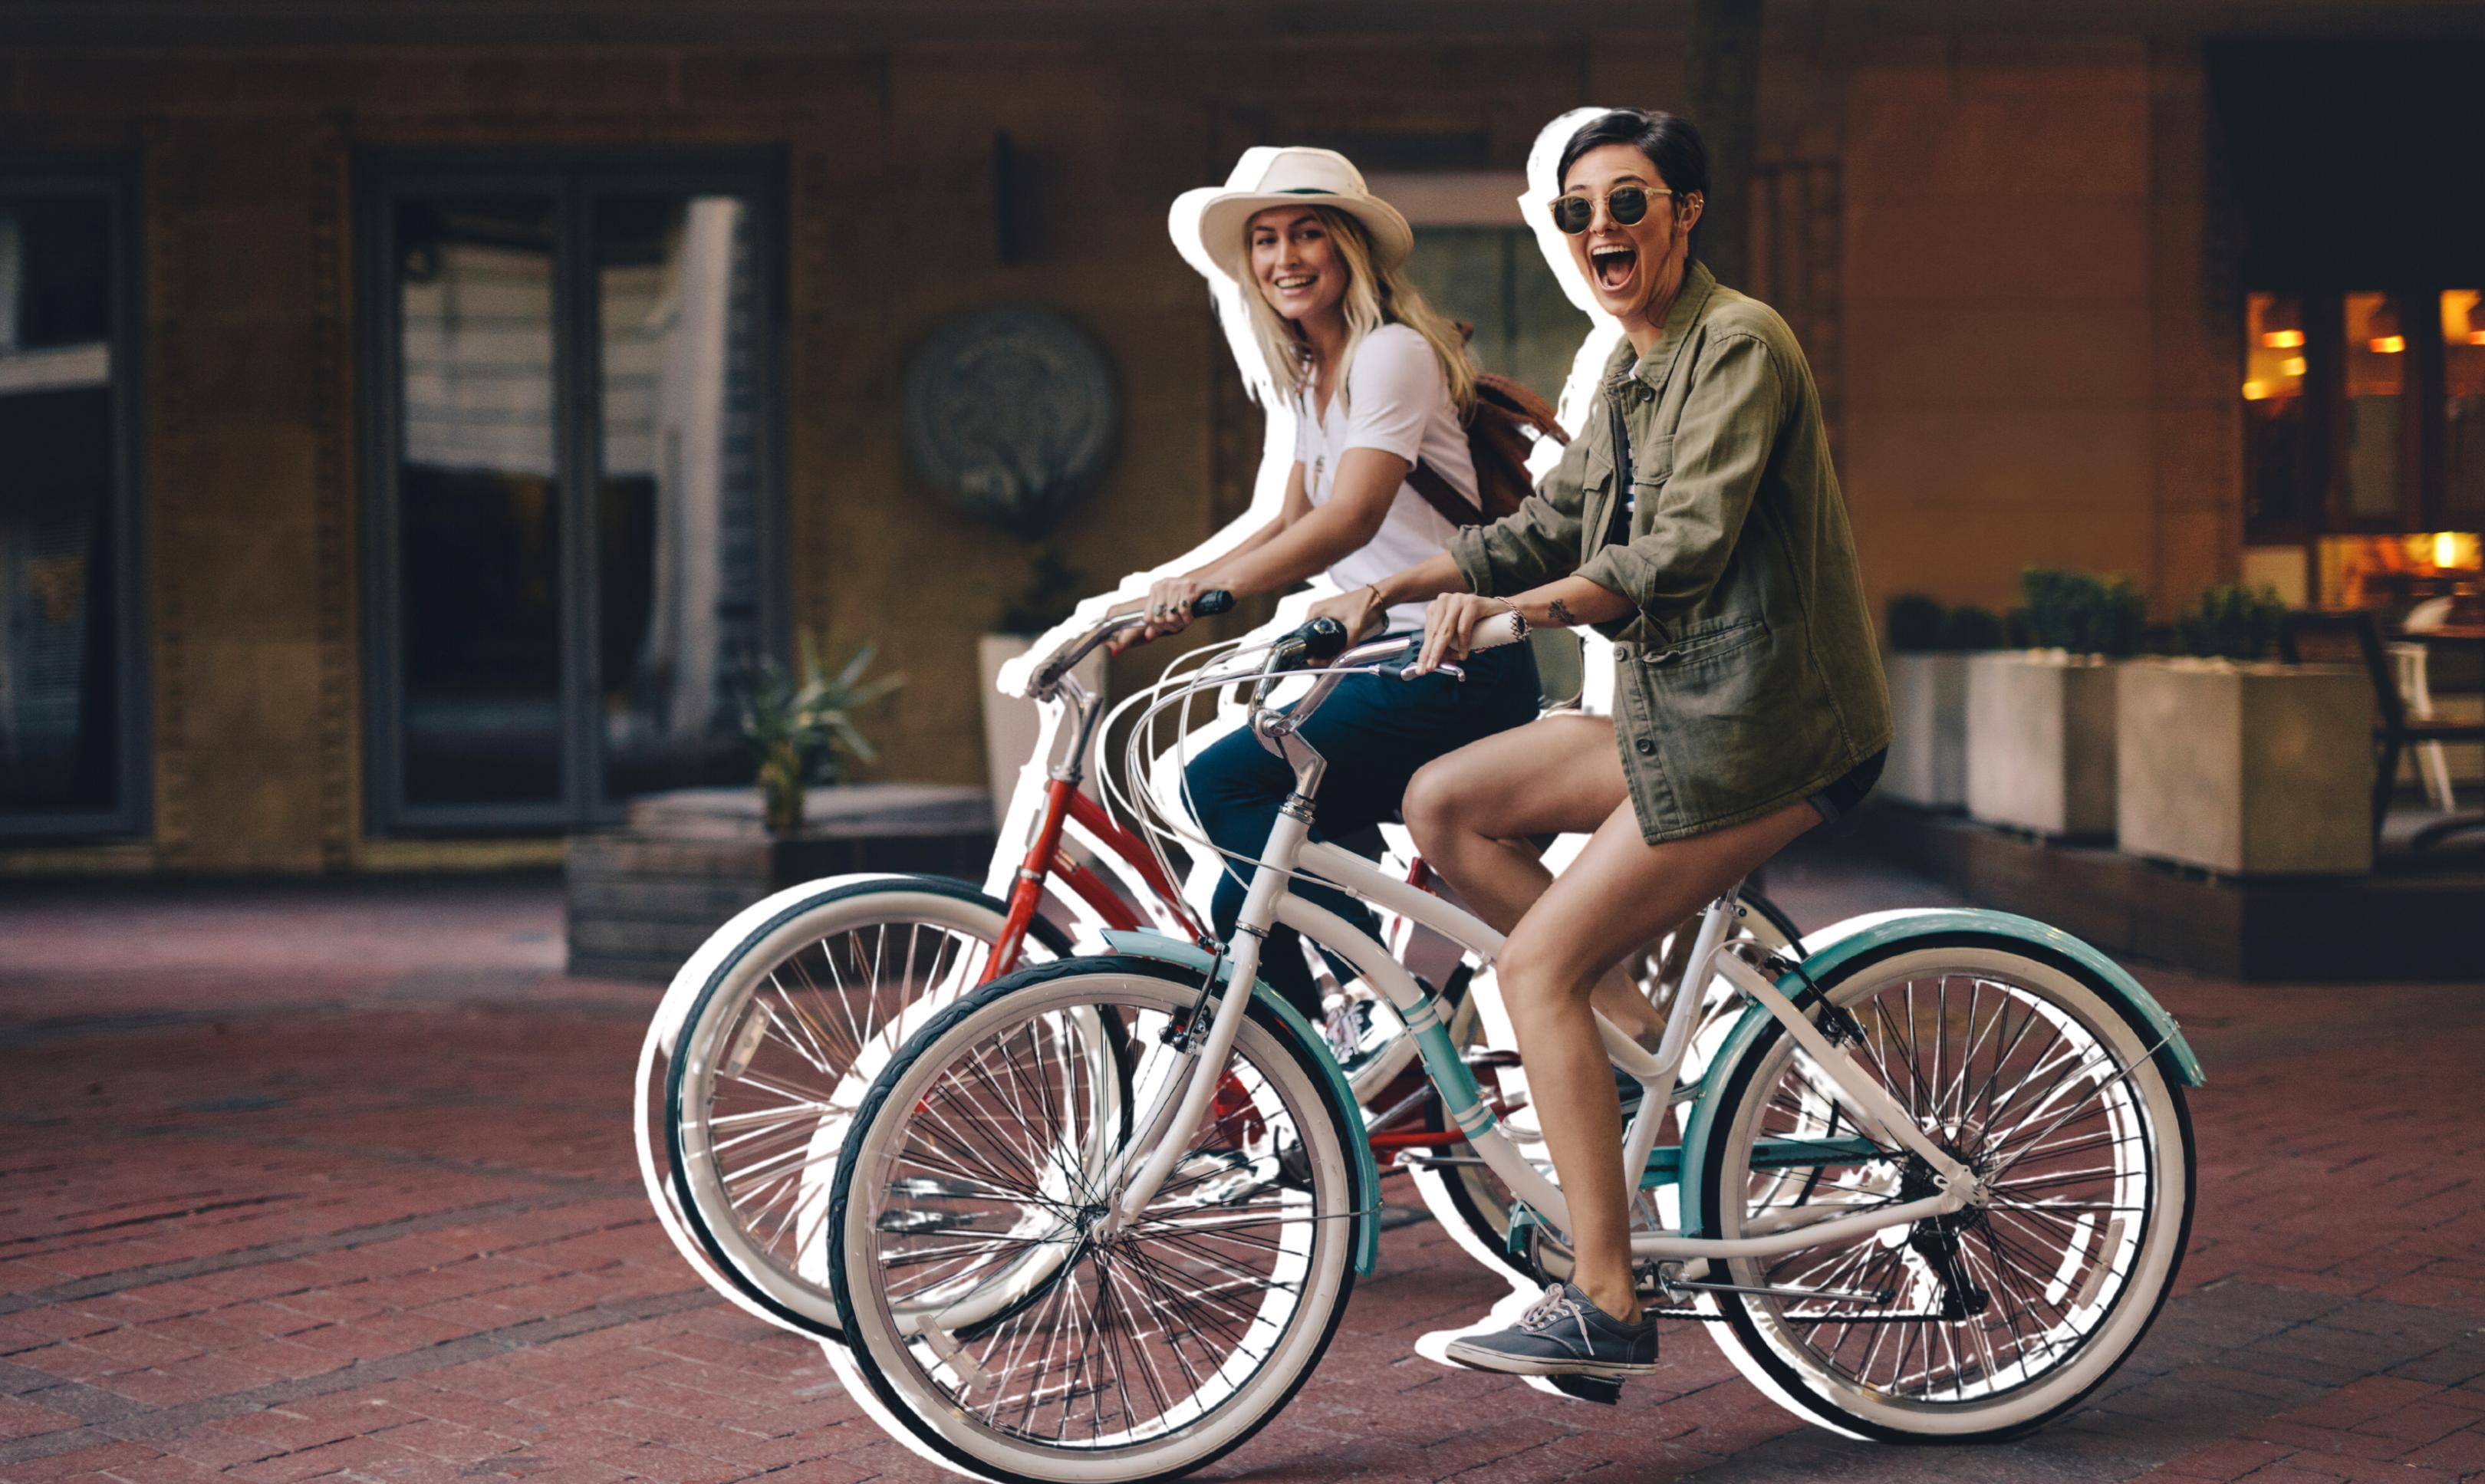 Тур по музеям можно будет совершить на велосипедах